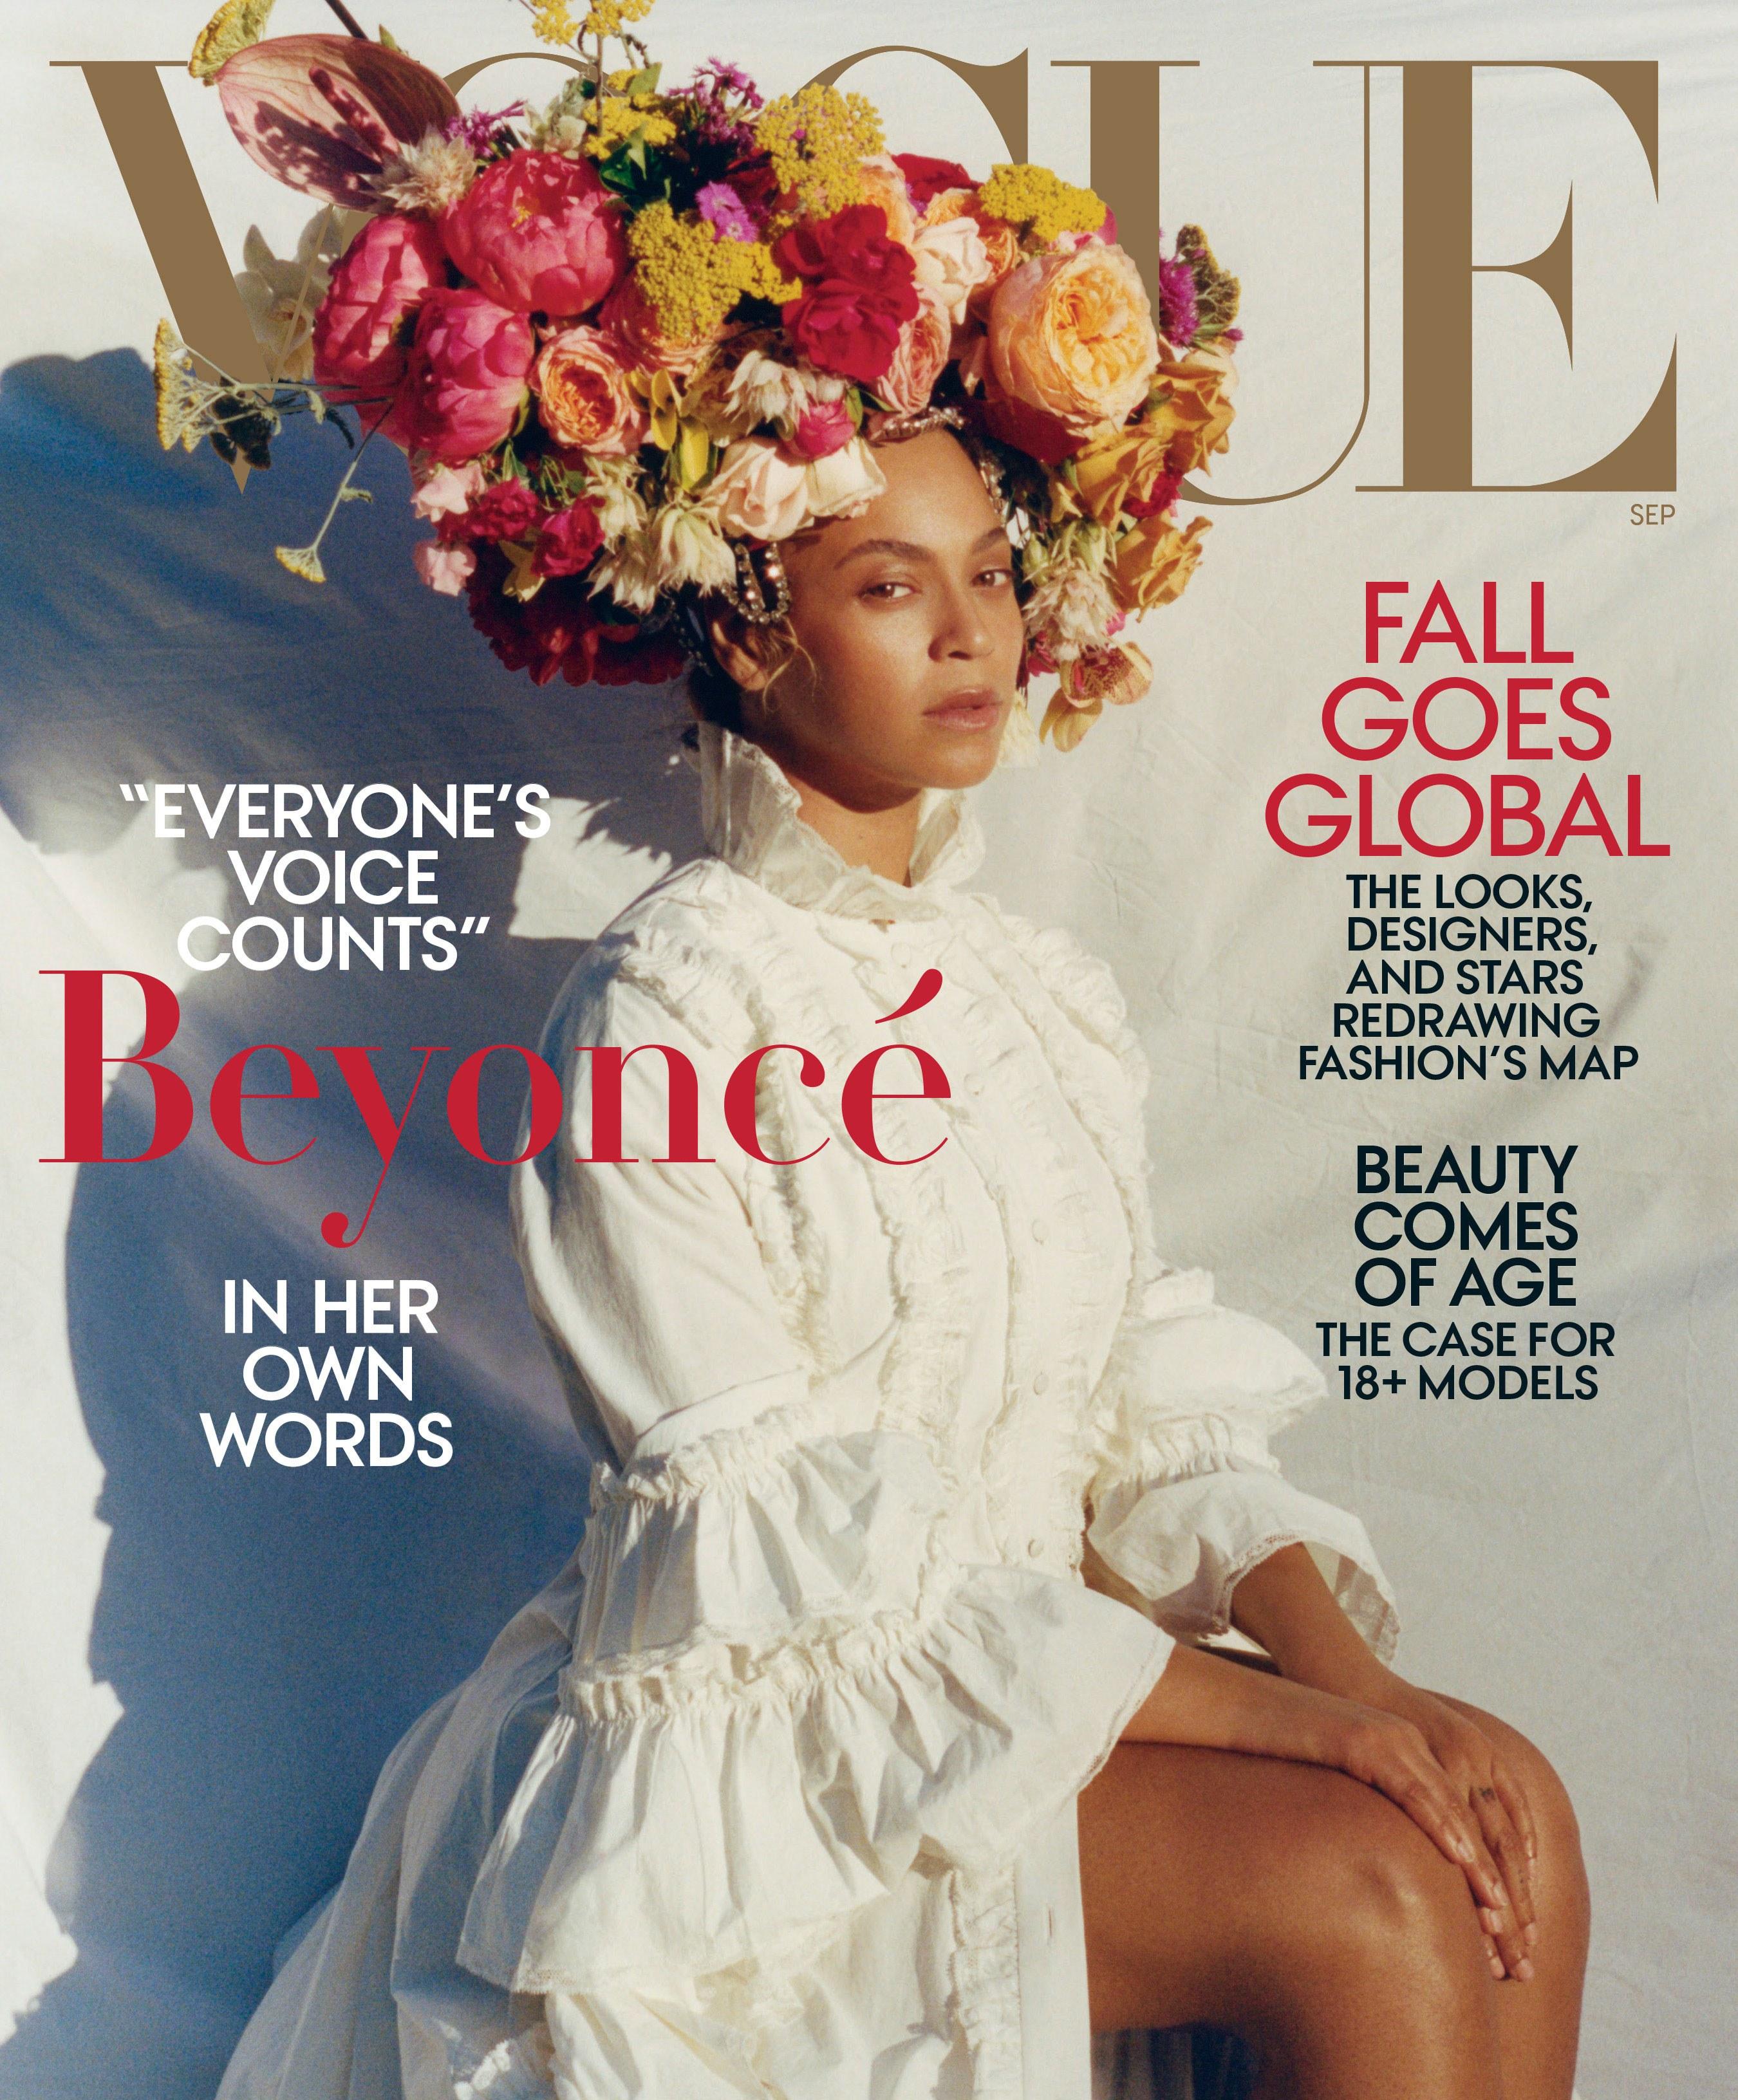 Quién es Tyler Mitchell, el primer fotógrafo afroamericano que está tras la portada de Vogue de Beyoncé